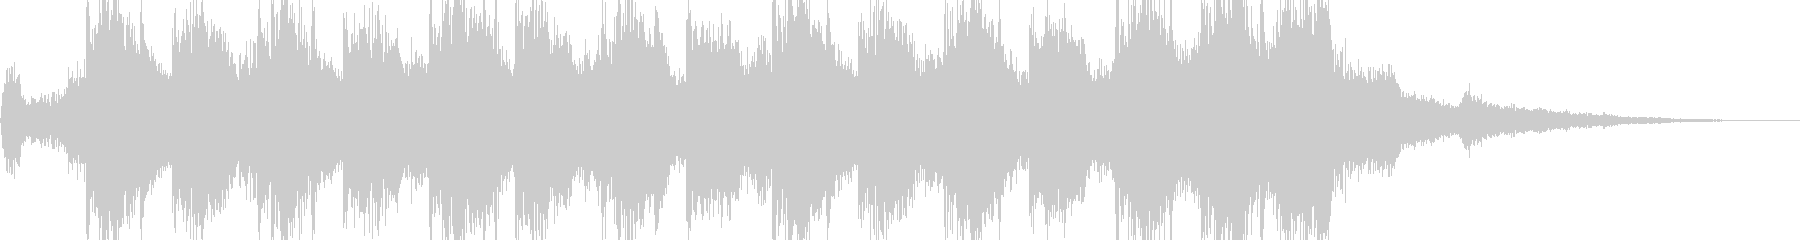 迫力のあるファンファーレ系の未再生の波形